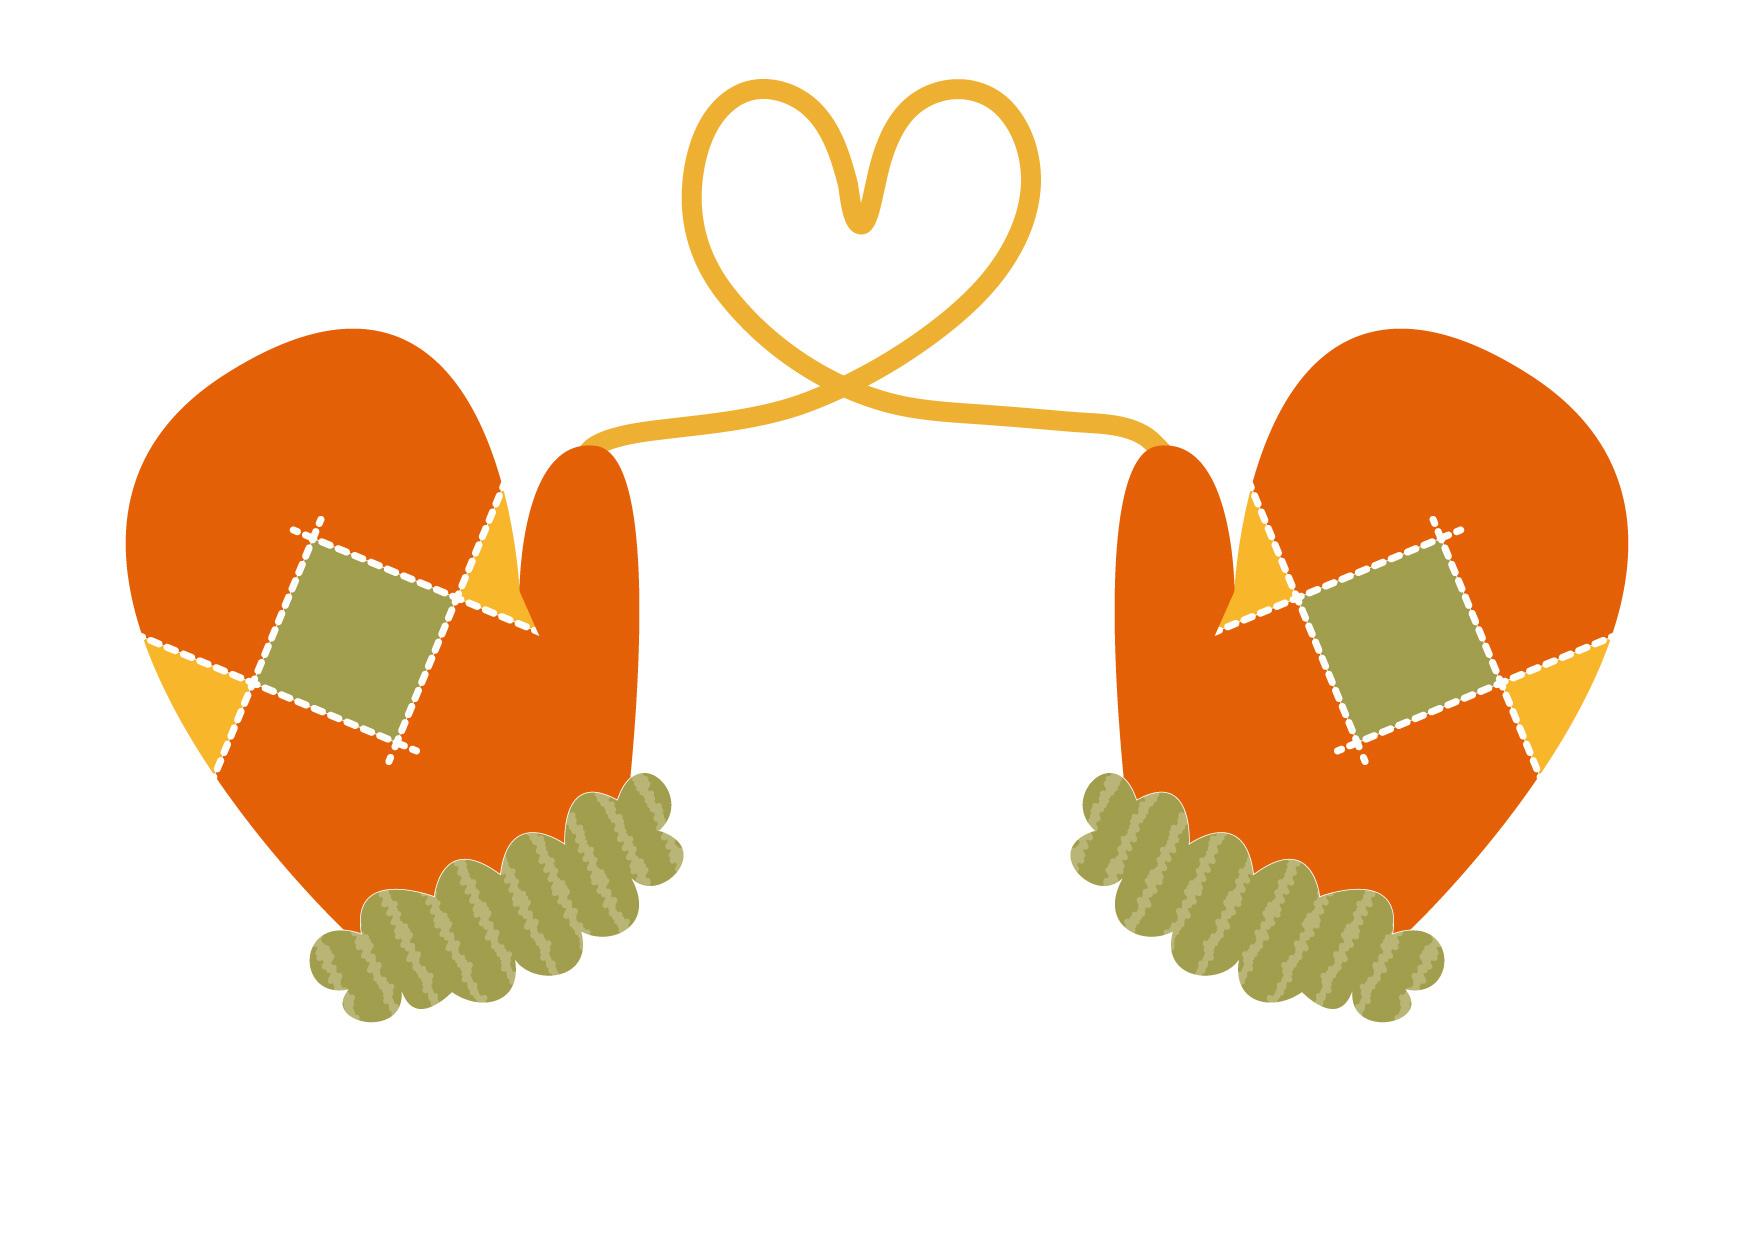 可愛いイラスト|手袋 ハート オレンジ色 − free illustration Gloves Heart Orange